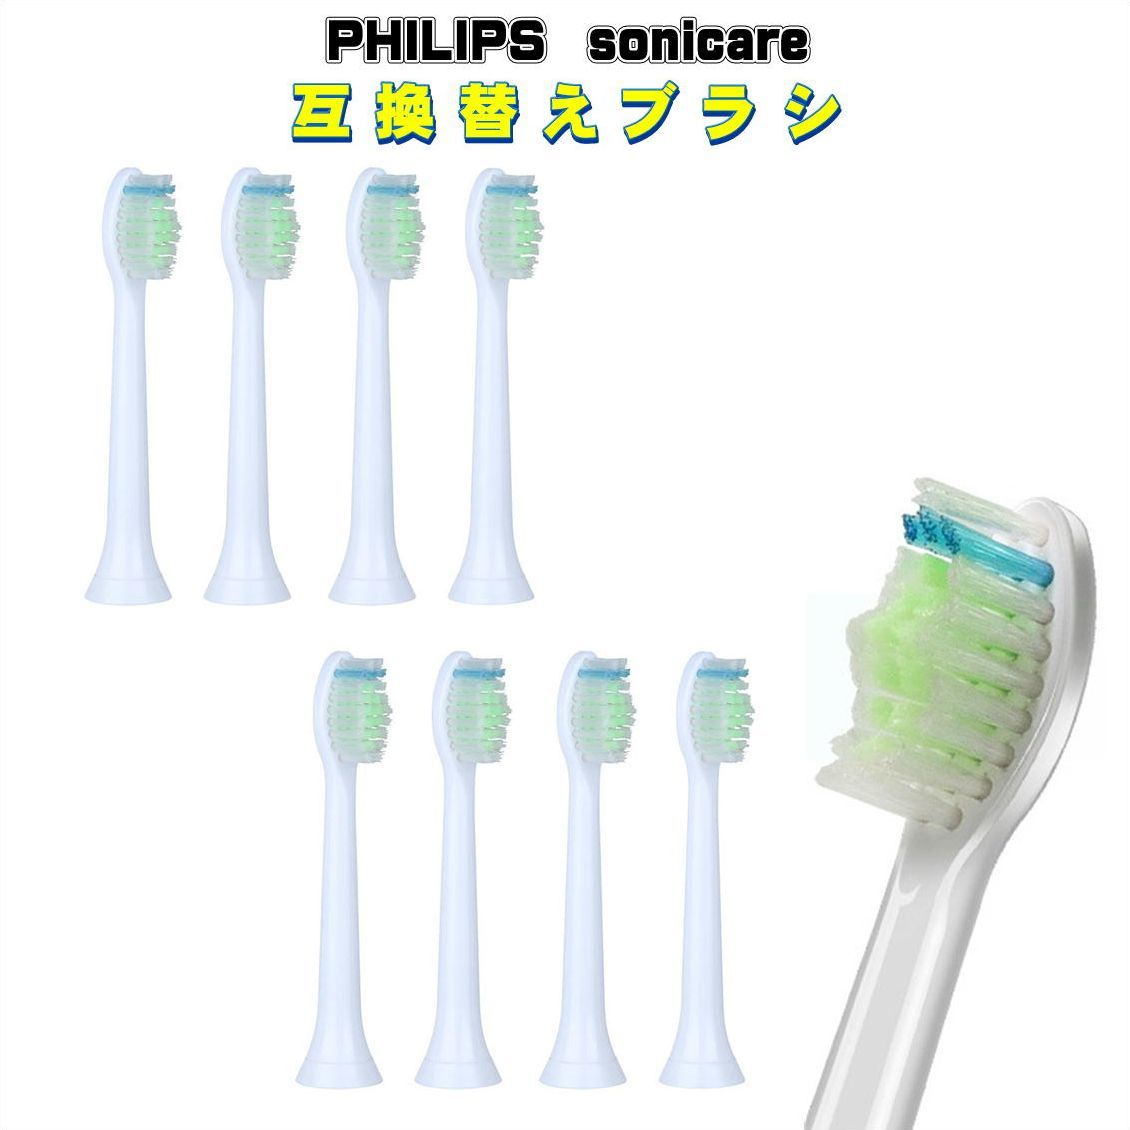 フィリップス ソニッケアー 替えブラシ 互換 ダイヤモンドクリーン ブラシヘッド スタンダード HX6064 電動歯ブラシ P-HX-6064 互換替えブラシ 8本セット